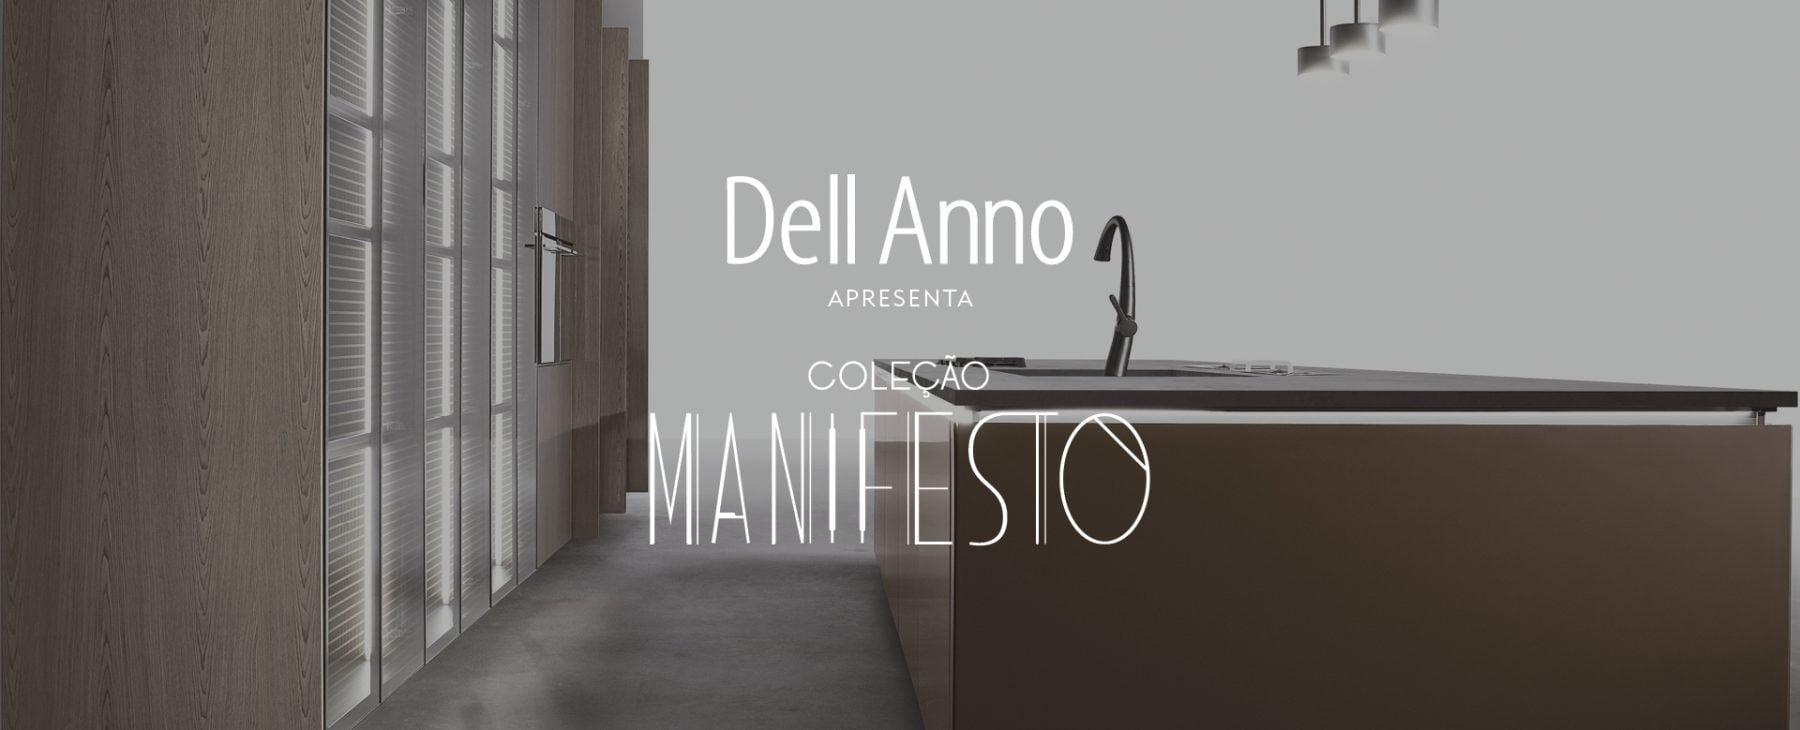 Coleção Manifesto